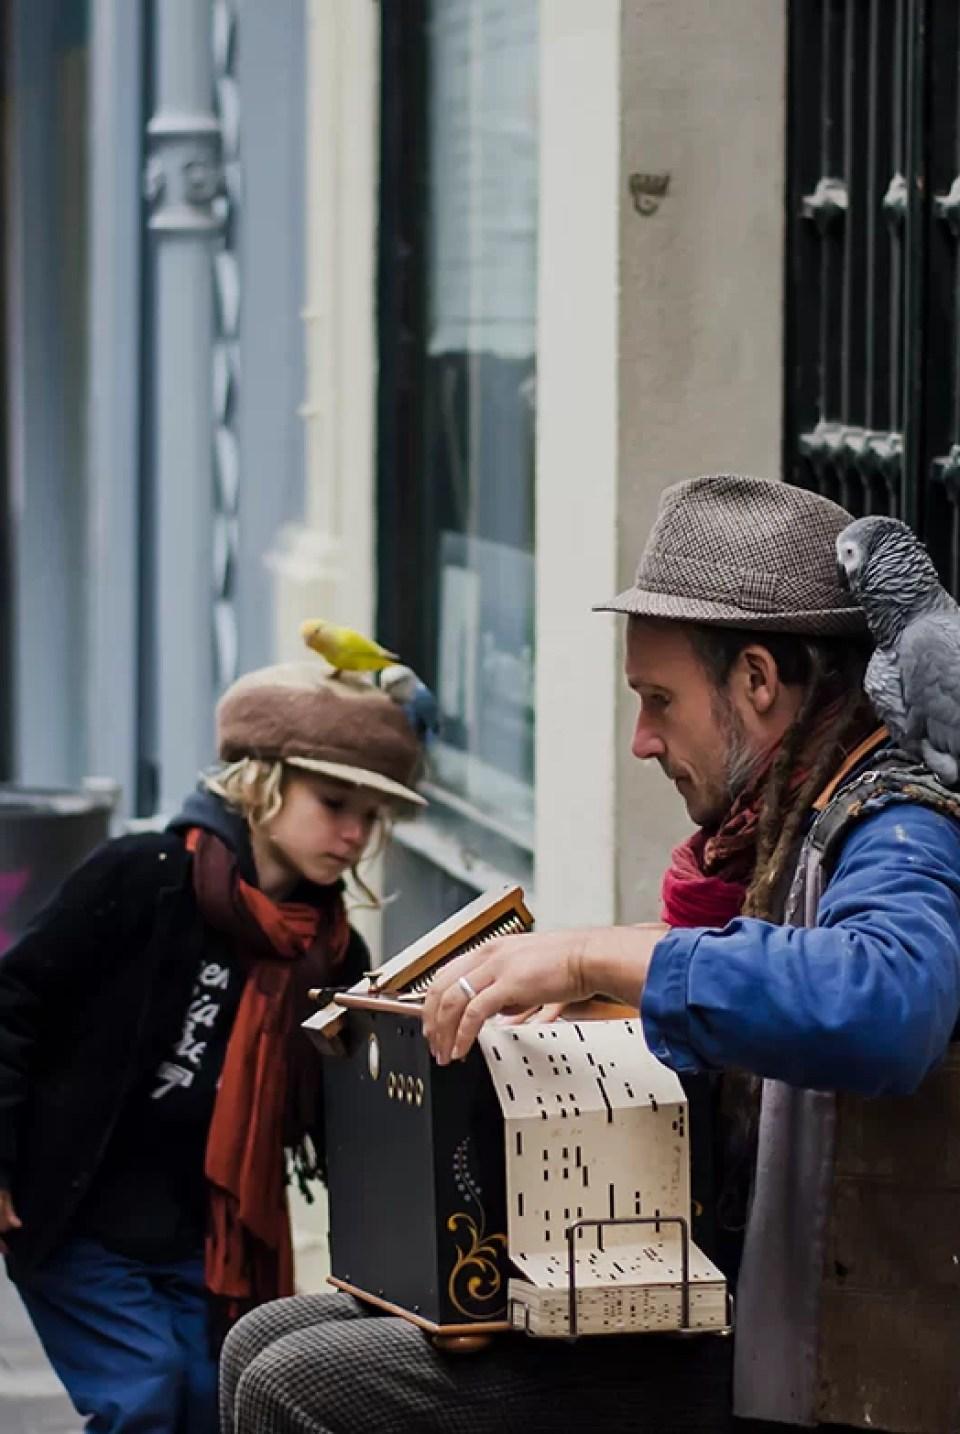 Porto uliczni grajkowie